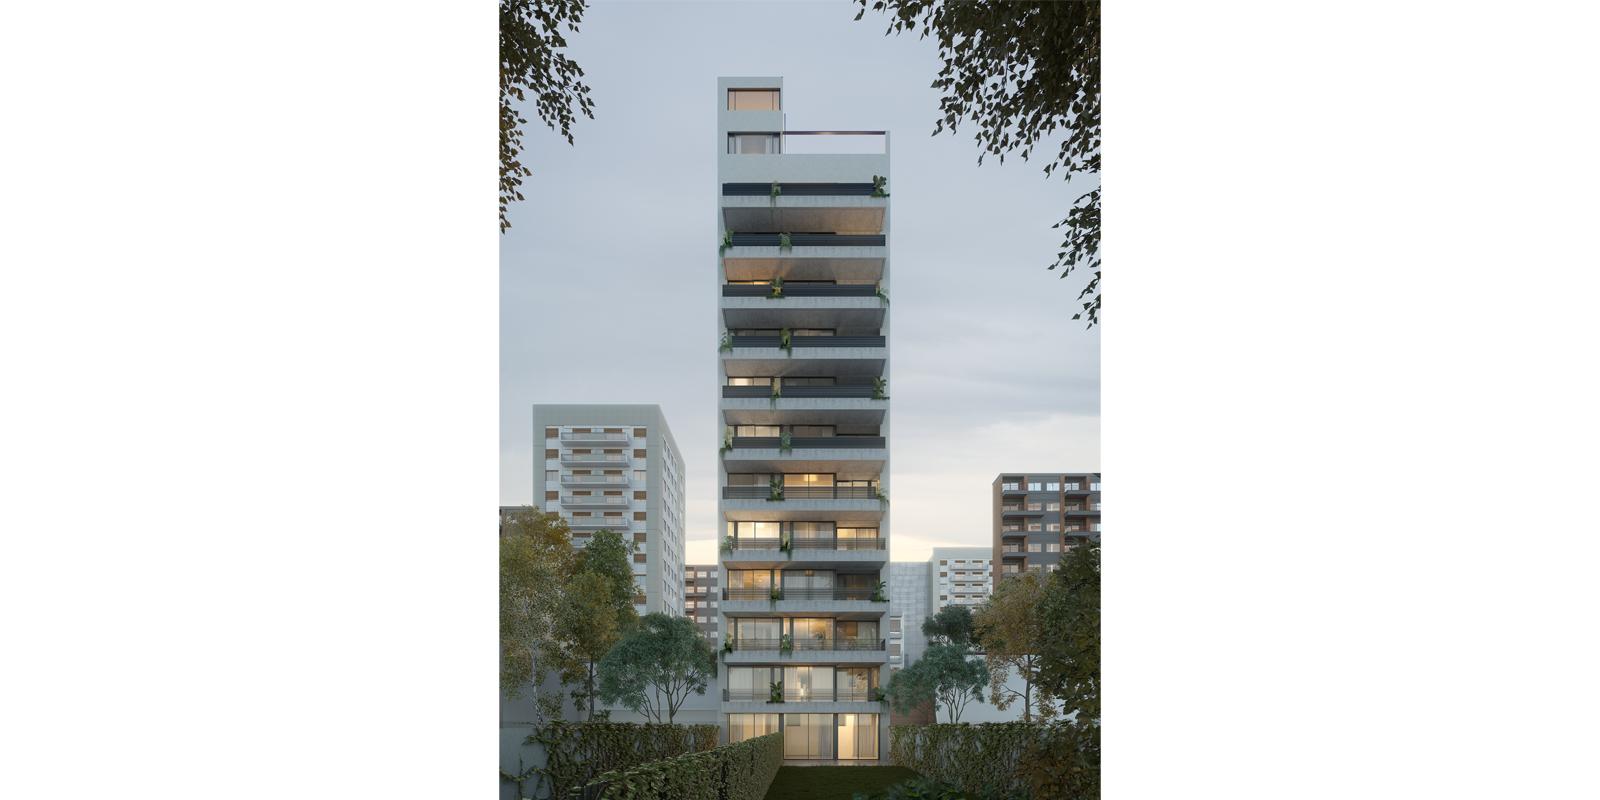 ProyectoC_Arquitectos_Portfolio_03_RH